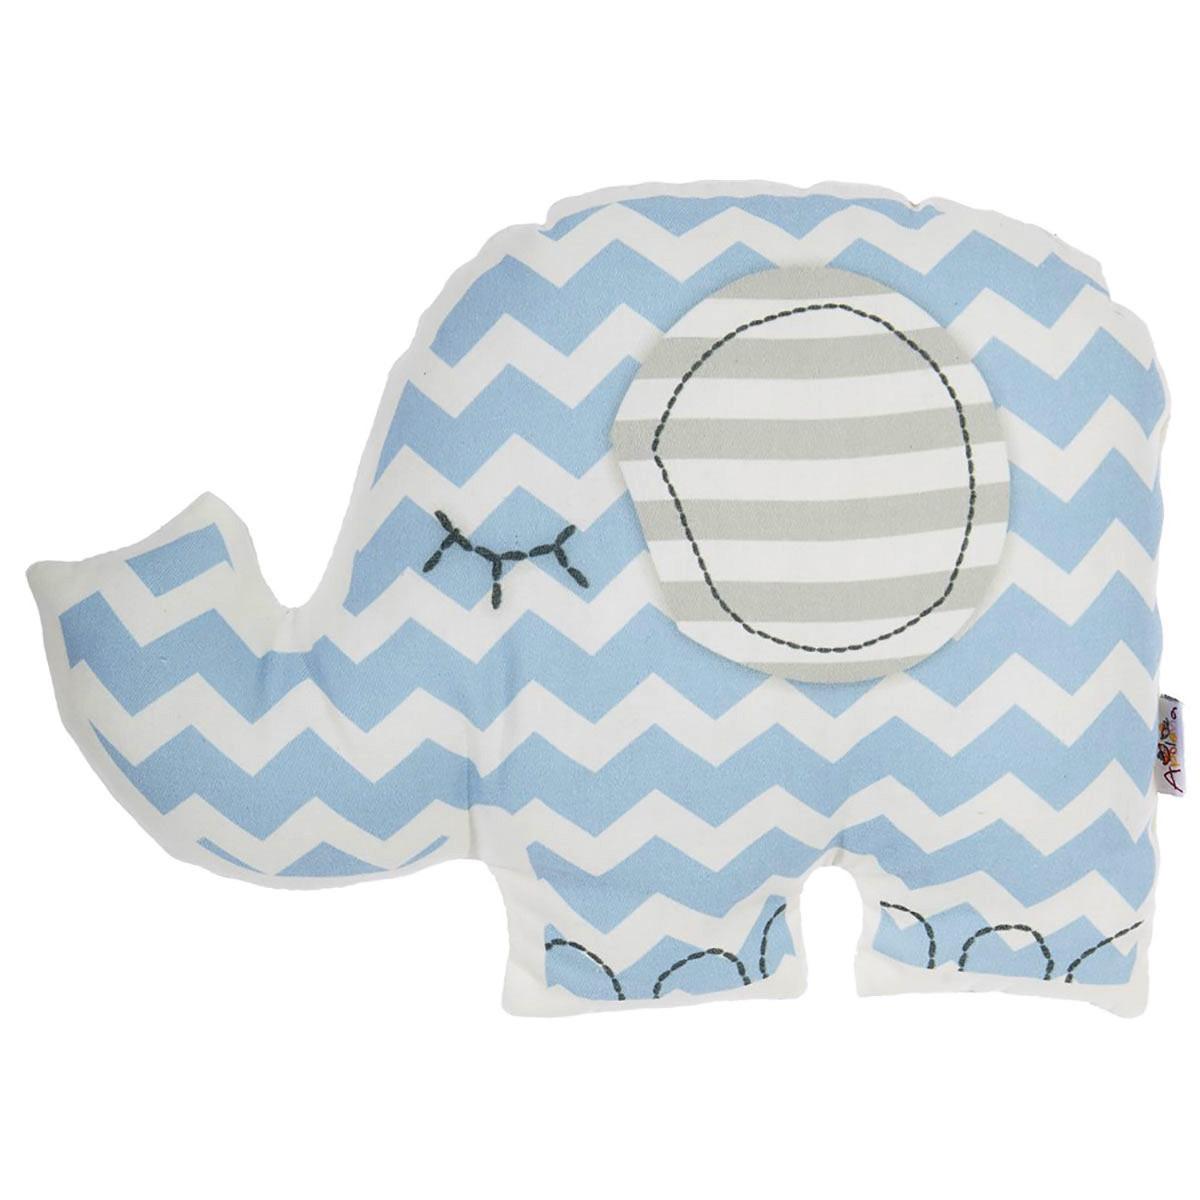 Διακοσμητικό Μαξιλάρι Apolena Ελέφαντας Γαλάζιο